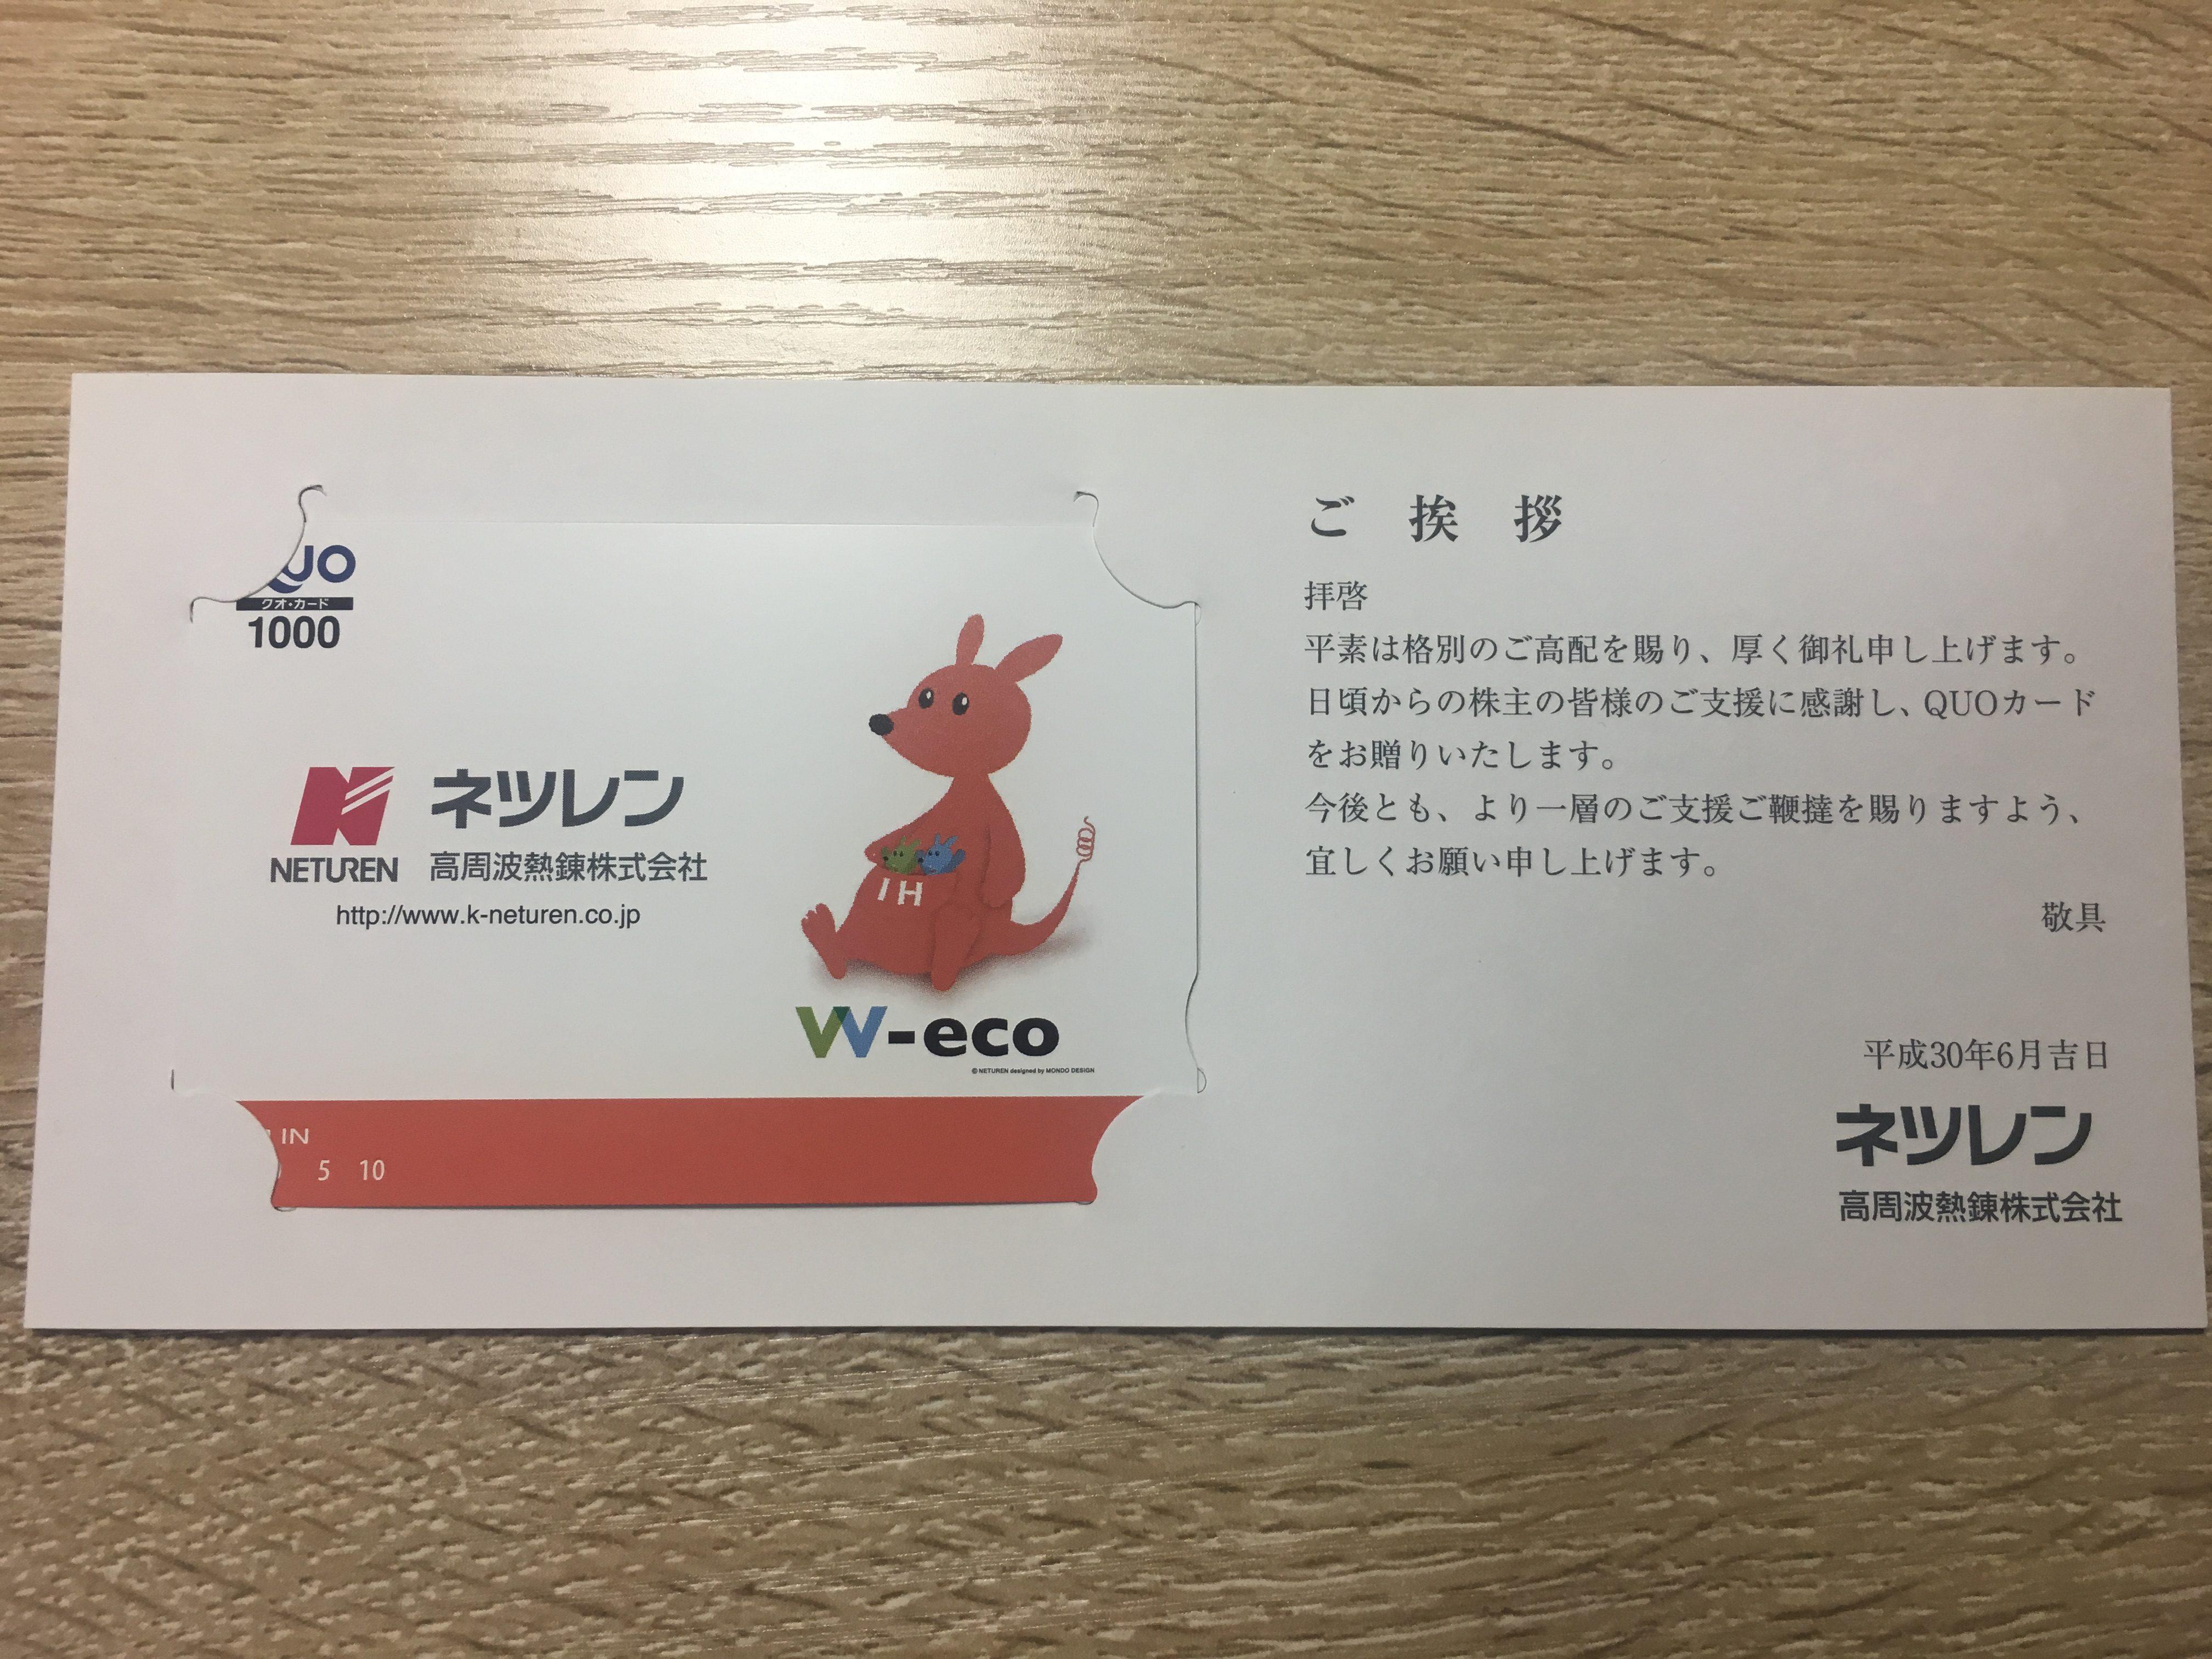 ネツレン 高周波熱錬株式会社